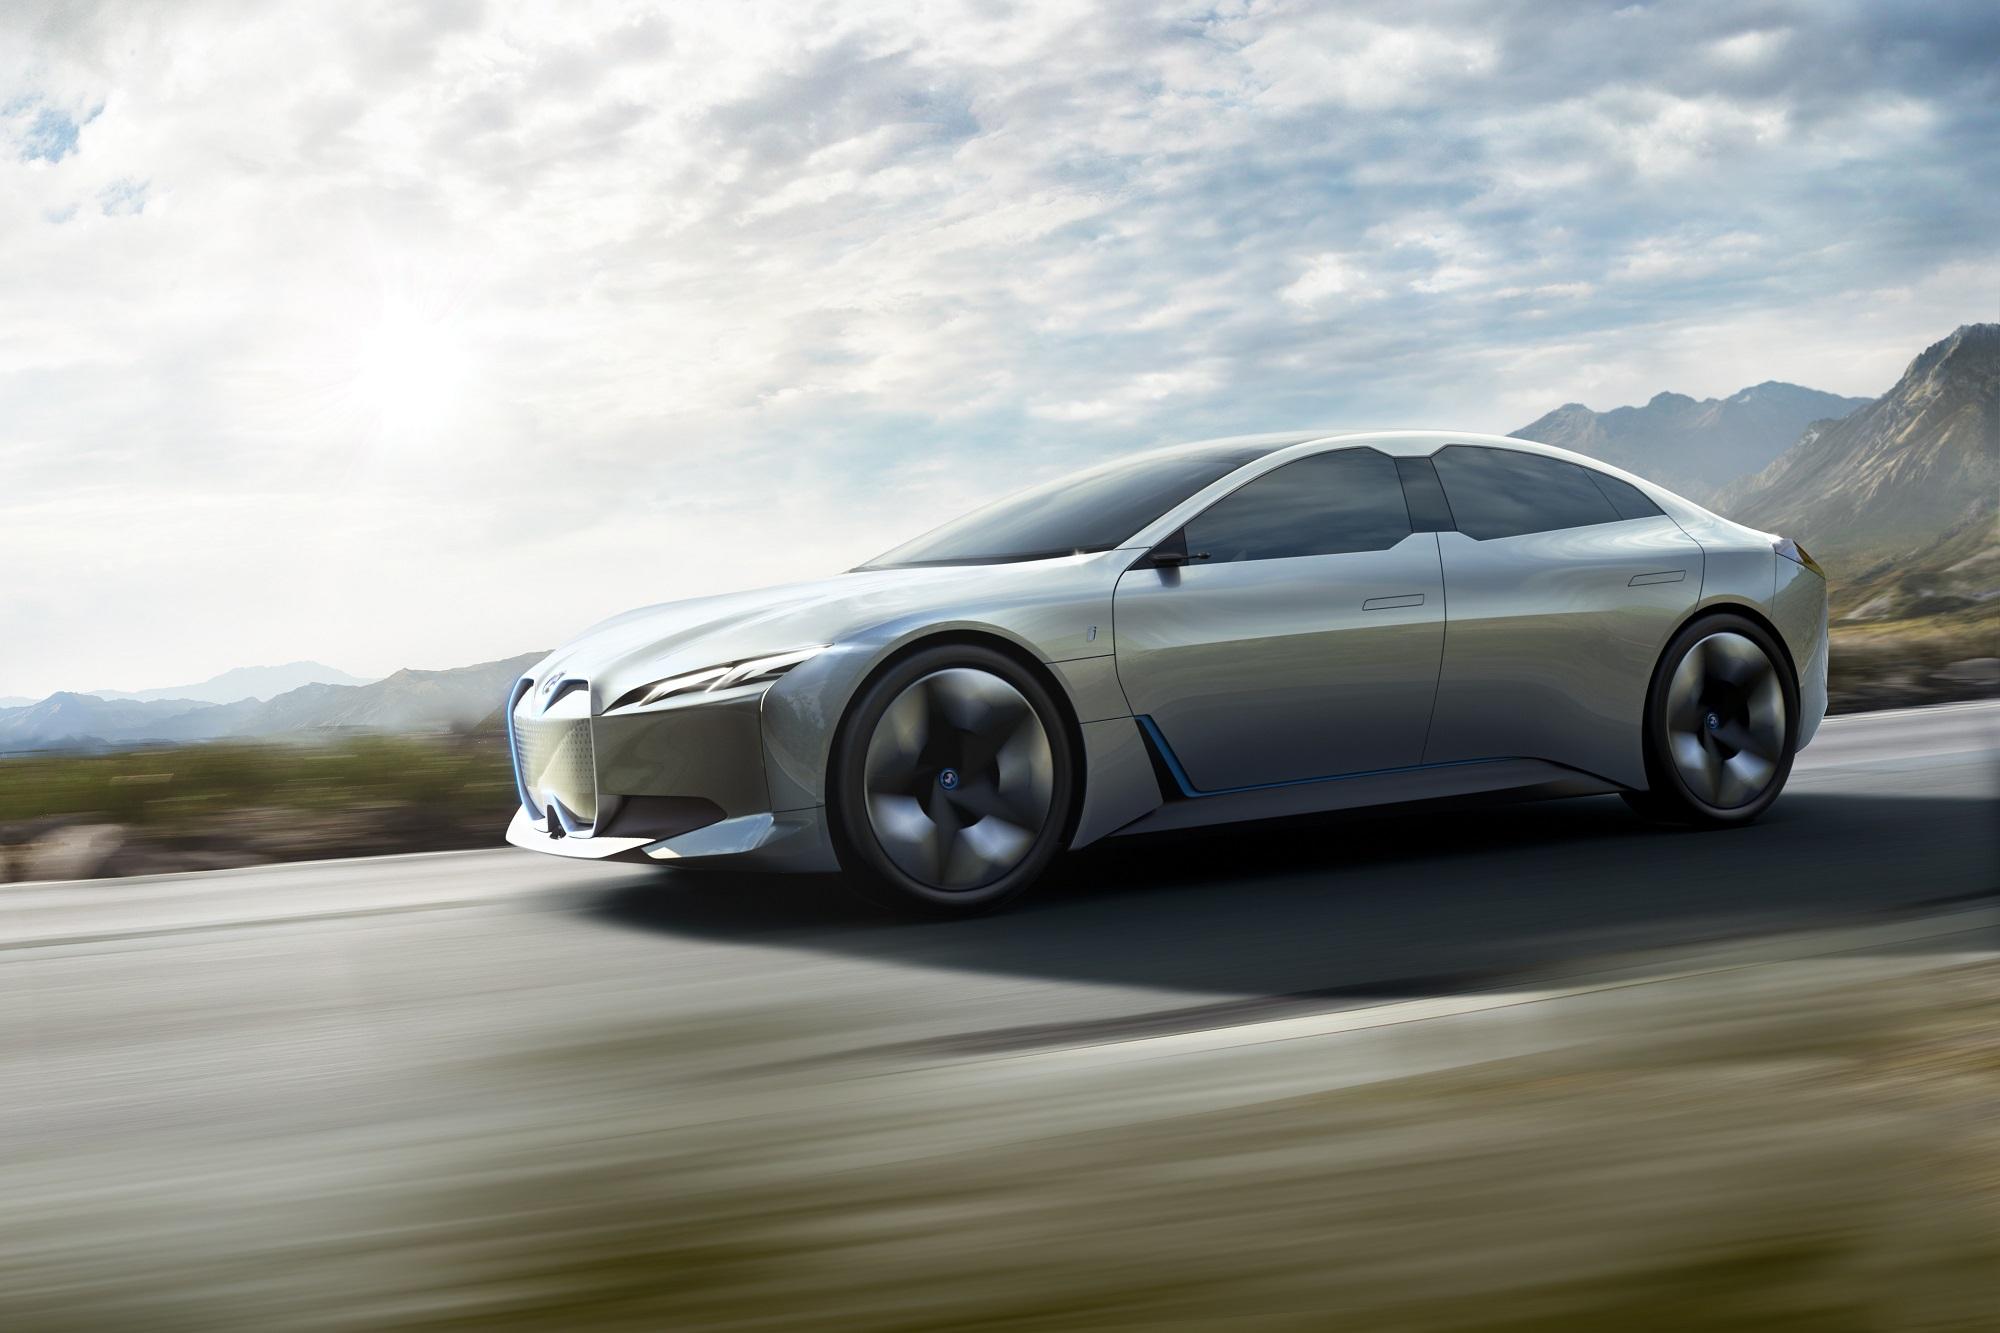 4ドアグランクーペ「BMW i Vision Dynamics」の市販モデルはテスラキラーとなりそうですね♪